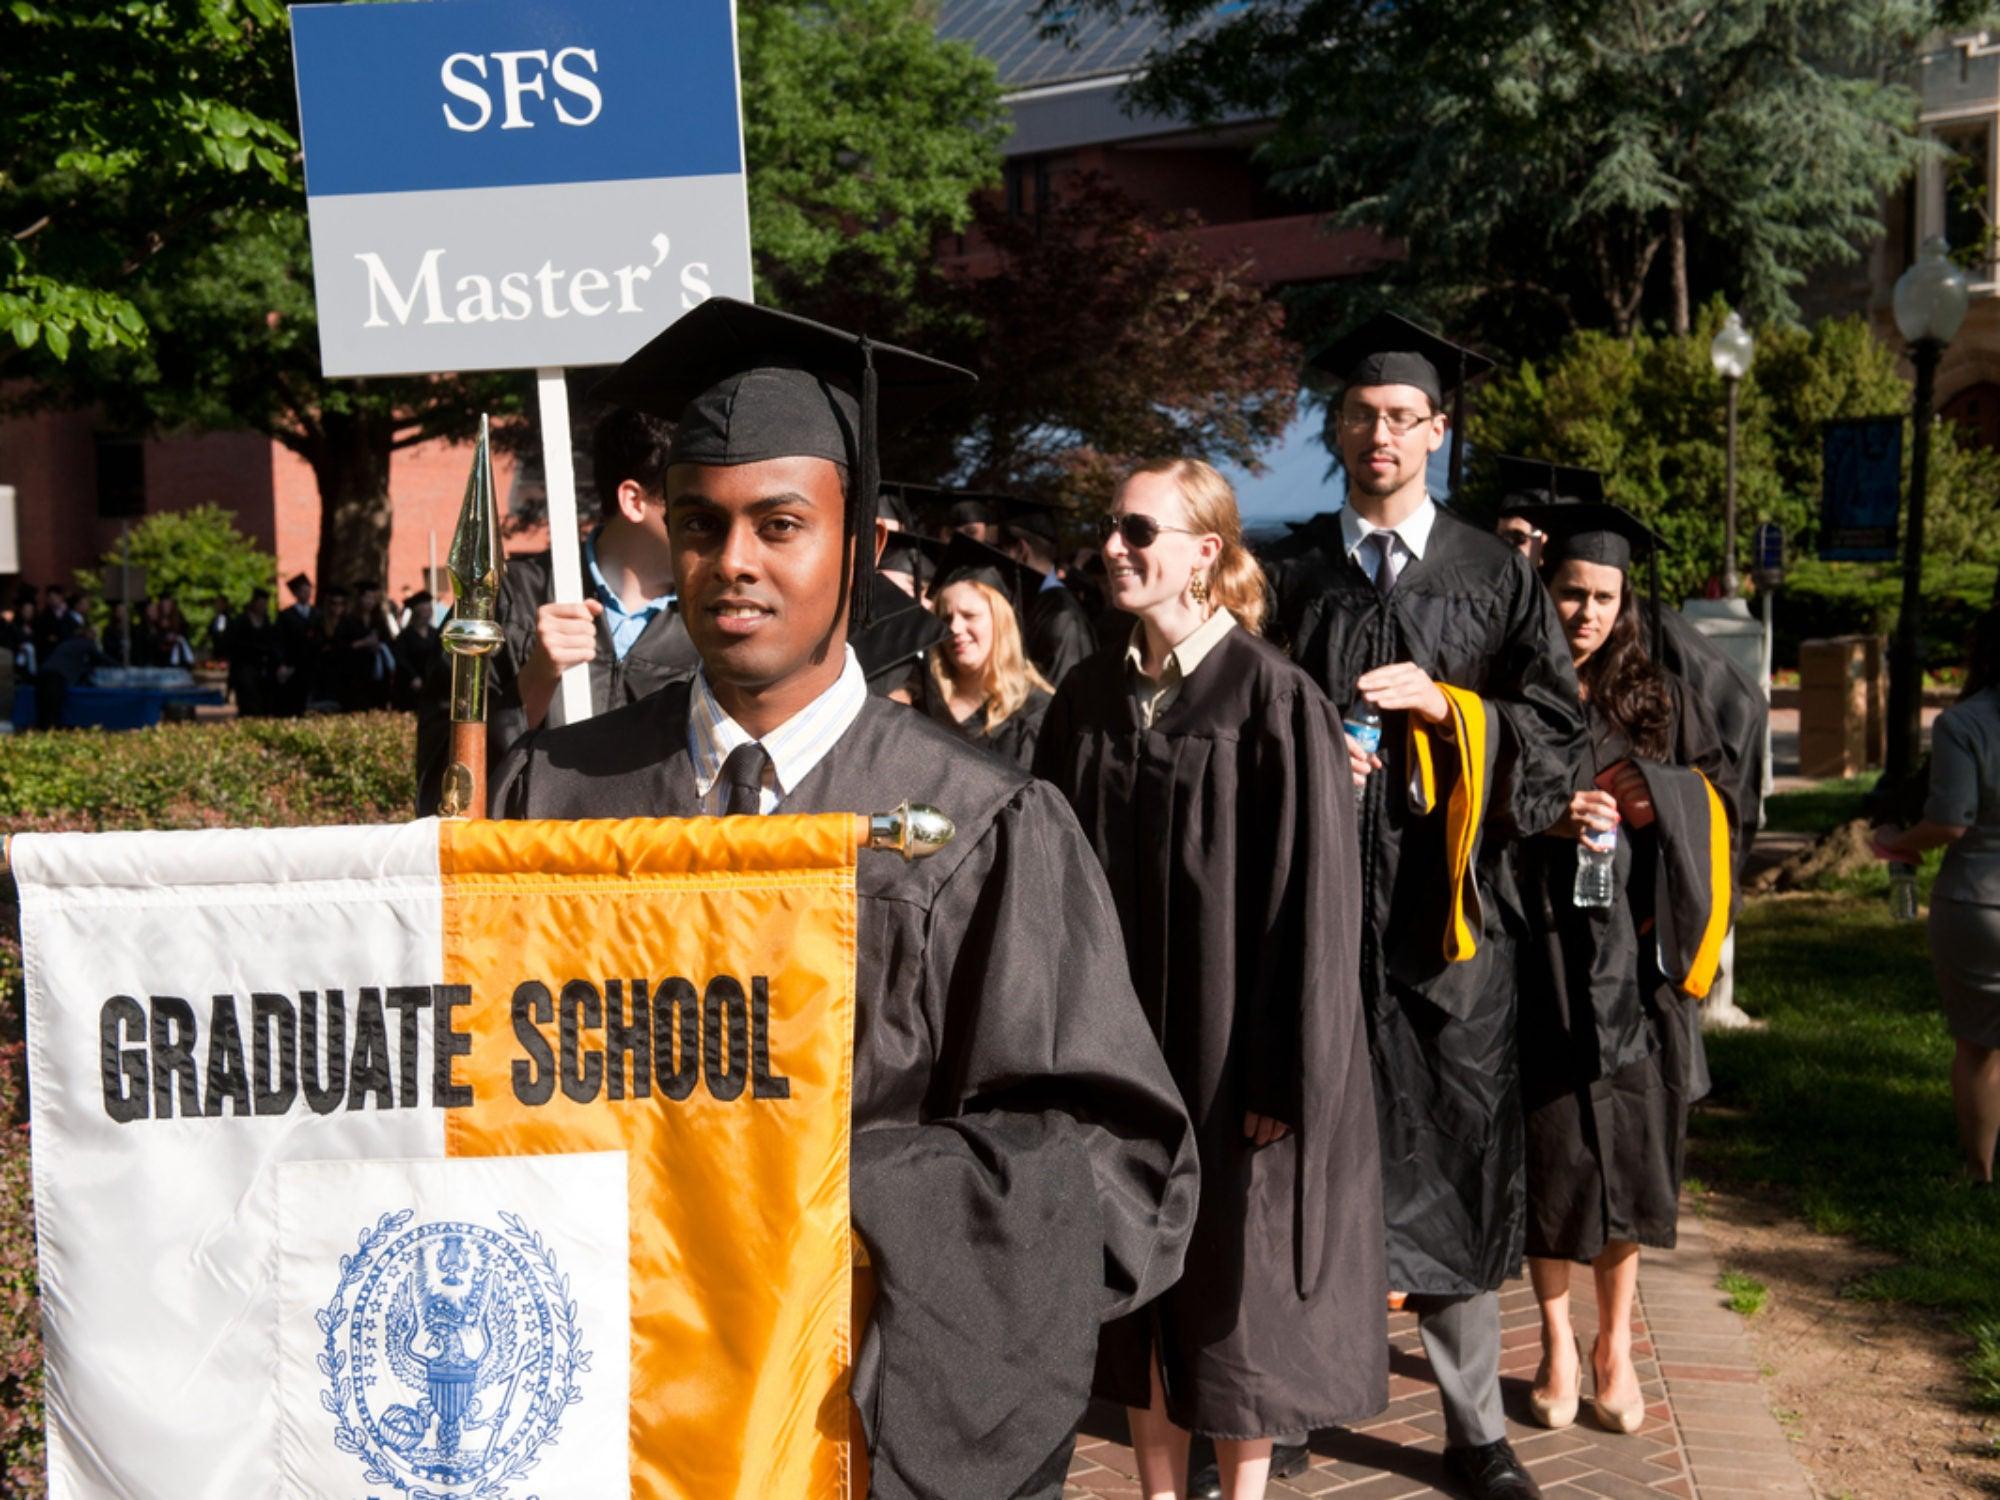 SFS Graduate commencement